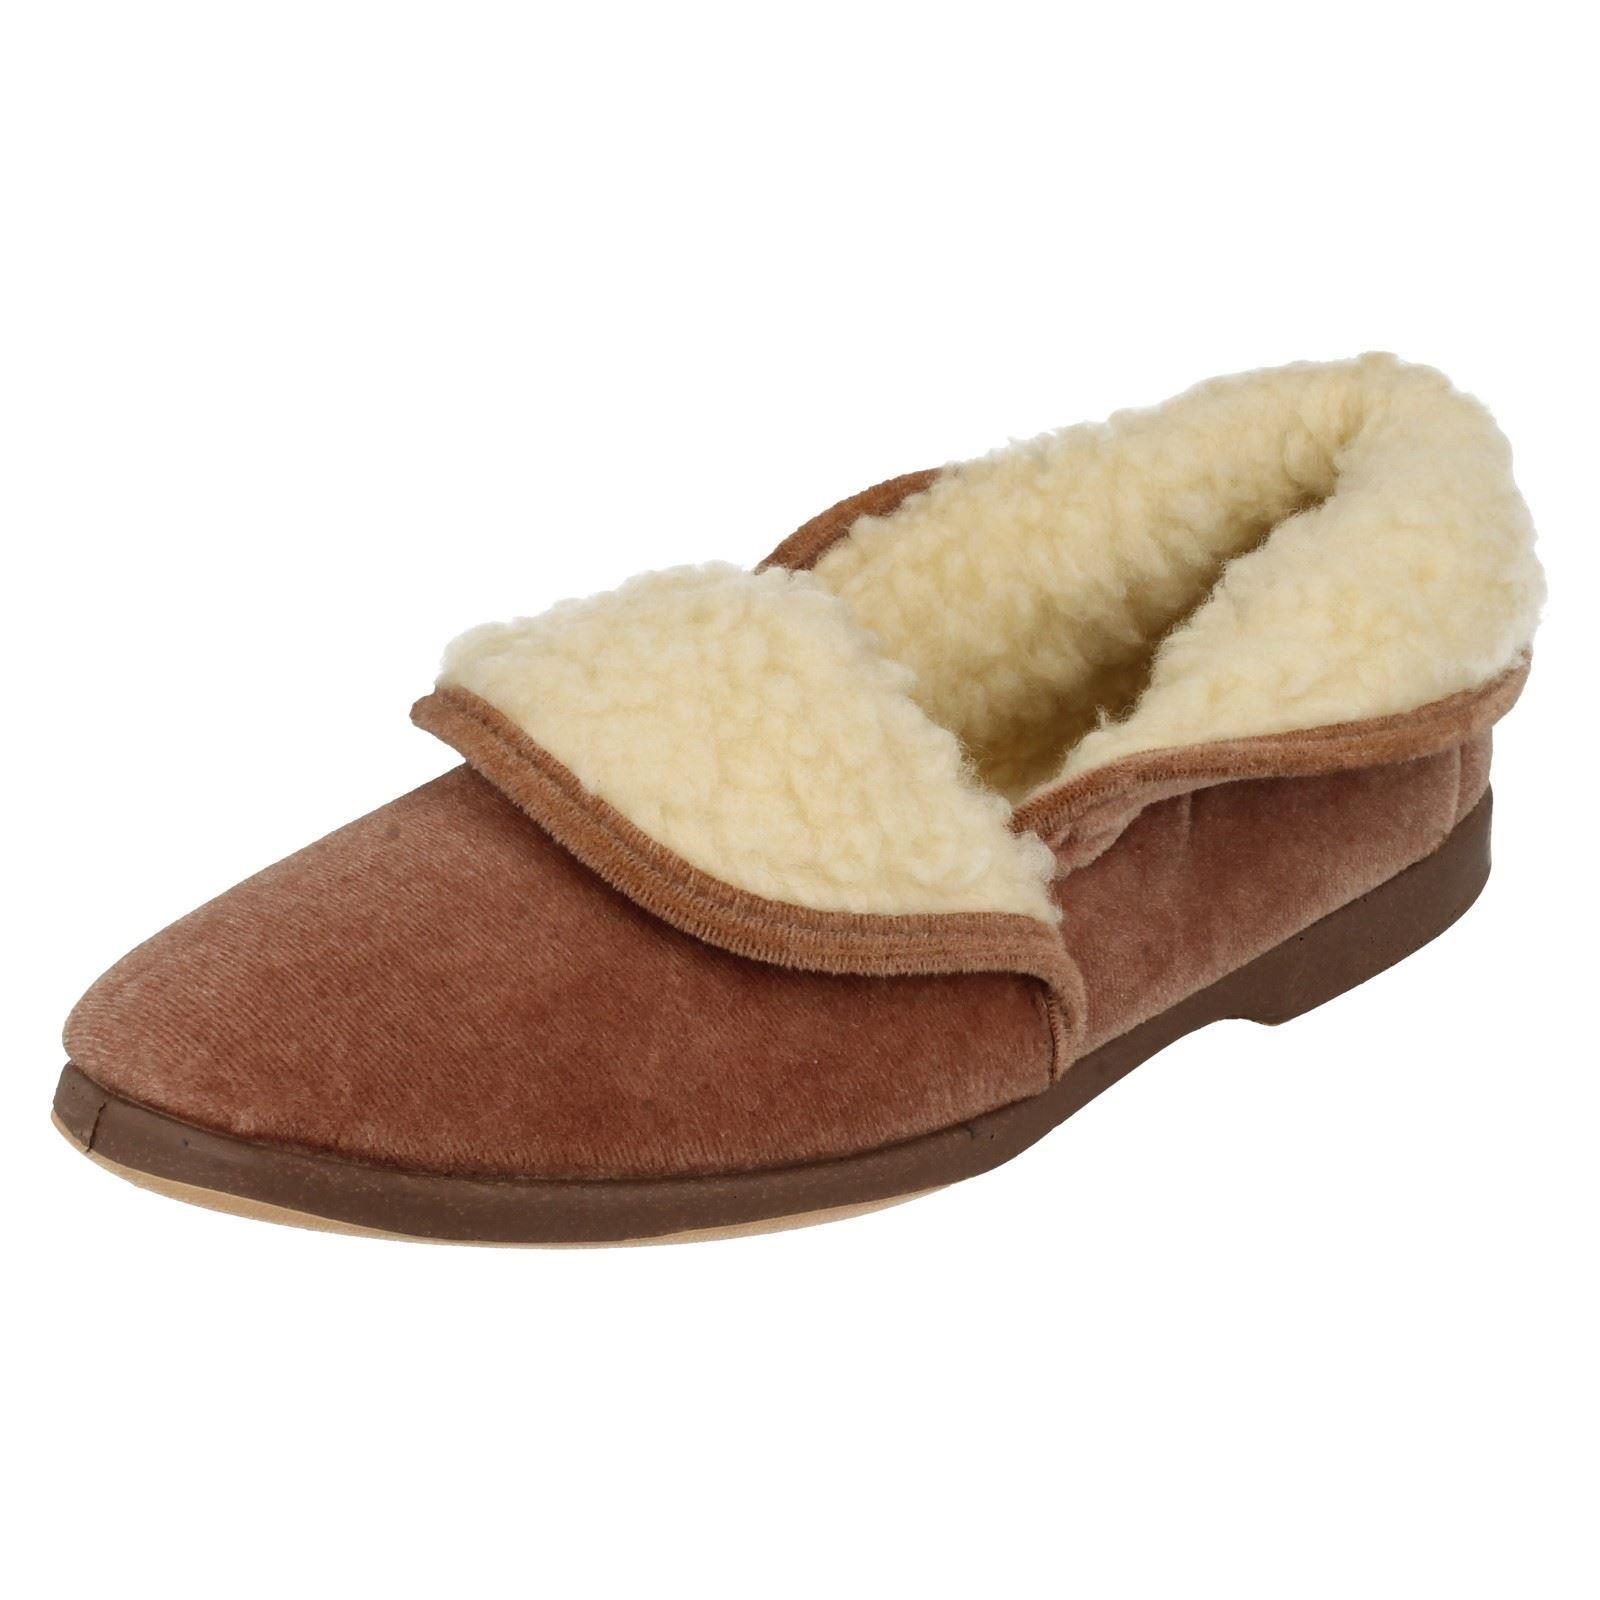 Lady Love Ladies Slip On Slippers 4way